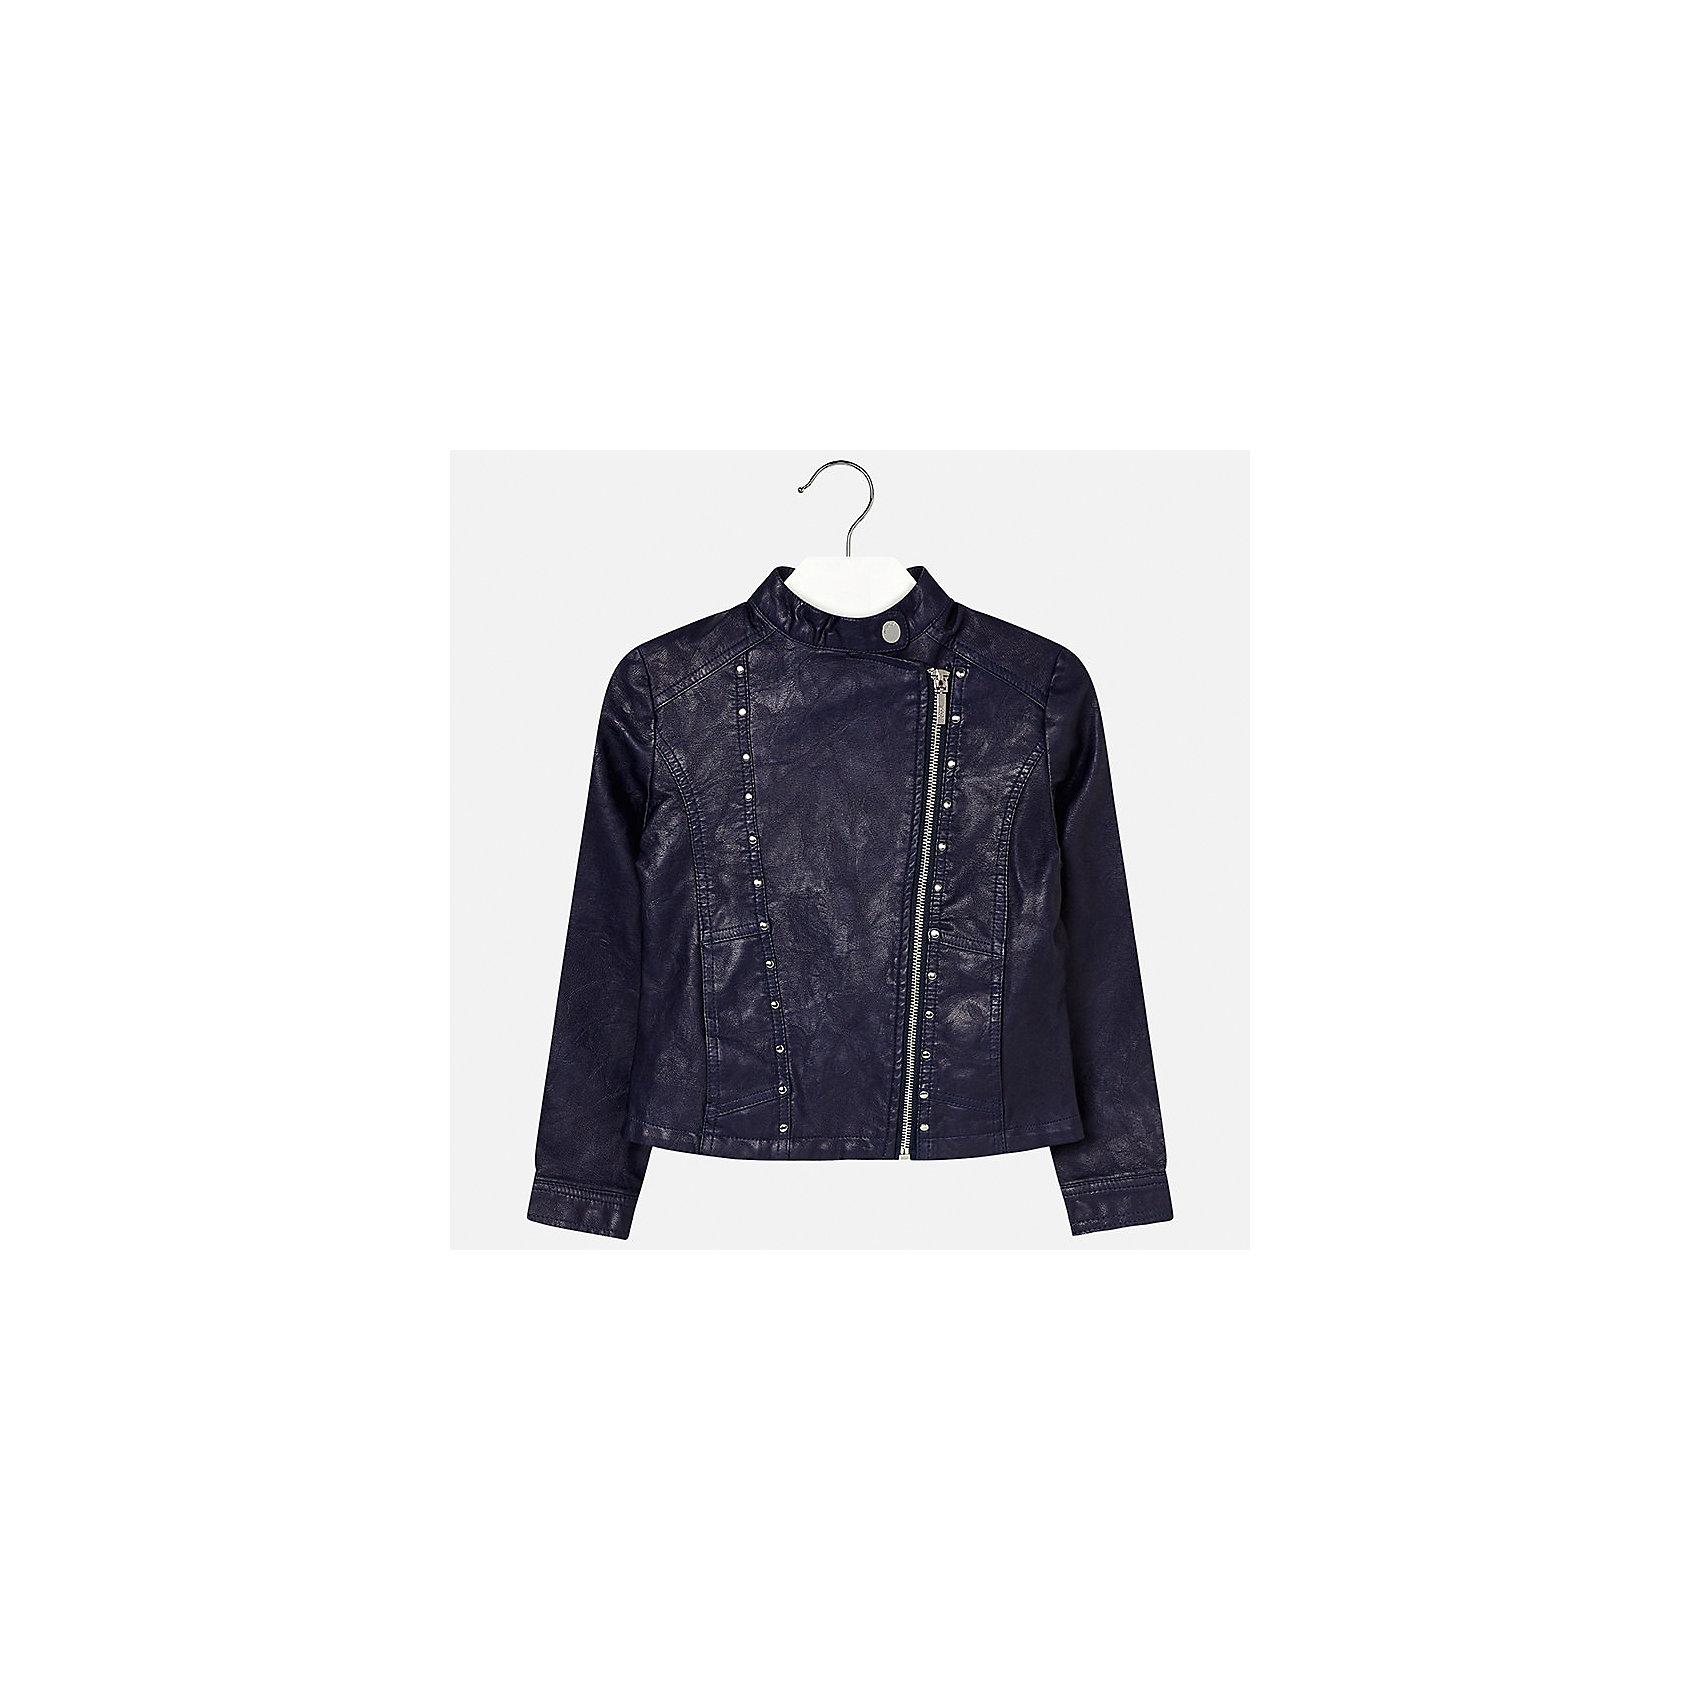 Куртка для девочки MayoralВерхняя одежда<br>Характеристики товара:<br><br>• цвет: синий<br>• состав: 100% полиуретан, подкладка - 100% полиэстер<br>• температурный режим: от +15°до +10°С<br>• косая молния<br>• карманы<br>• с длинными рукавами <br>• металлические элементы на планке<br>• страна бренда: Испания<br><br>Очень стильная куртка для девочки поможет разнообразить гардероб ребенка и украсить наряд. Он отлично сочетается и с юбками, и с брюками. Универсальный цвет позволяет подобрать к вещи низ различных расцветок. Интересная отделка модели делает её нарядной и оригинальной.<br><br>Одежда, обувь и аксессуары от испанского бренда Mayoral полюбились детям и взрослым по всему миру. Модели этой марки - стильные и удобные. Для их производства используются только безопасные, качественные материалы и фурнитура. Порадуйте ребенка модными и красивыми вещами от Mayoral! <br><br>Куртку для девочки от испанского бренда Mayoral (Майорал) можно купить в нашем интернет-магазине.<br><br>Ширина мм: 356<br>Глубина мм: 10<br>Высота мм: 245<br>Вес г: 519<br>Цвет: синий<br>Возраст от месяцев: 84<br>Возраст до месяцев: 96<br>Пол: Женский<br>Возраст: Детский<br>Размер: 128/134,170,164,158,152,140<br>SKU: 5292870